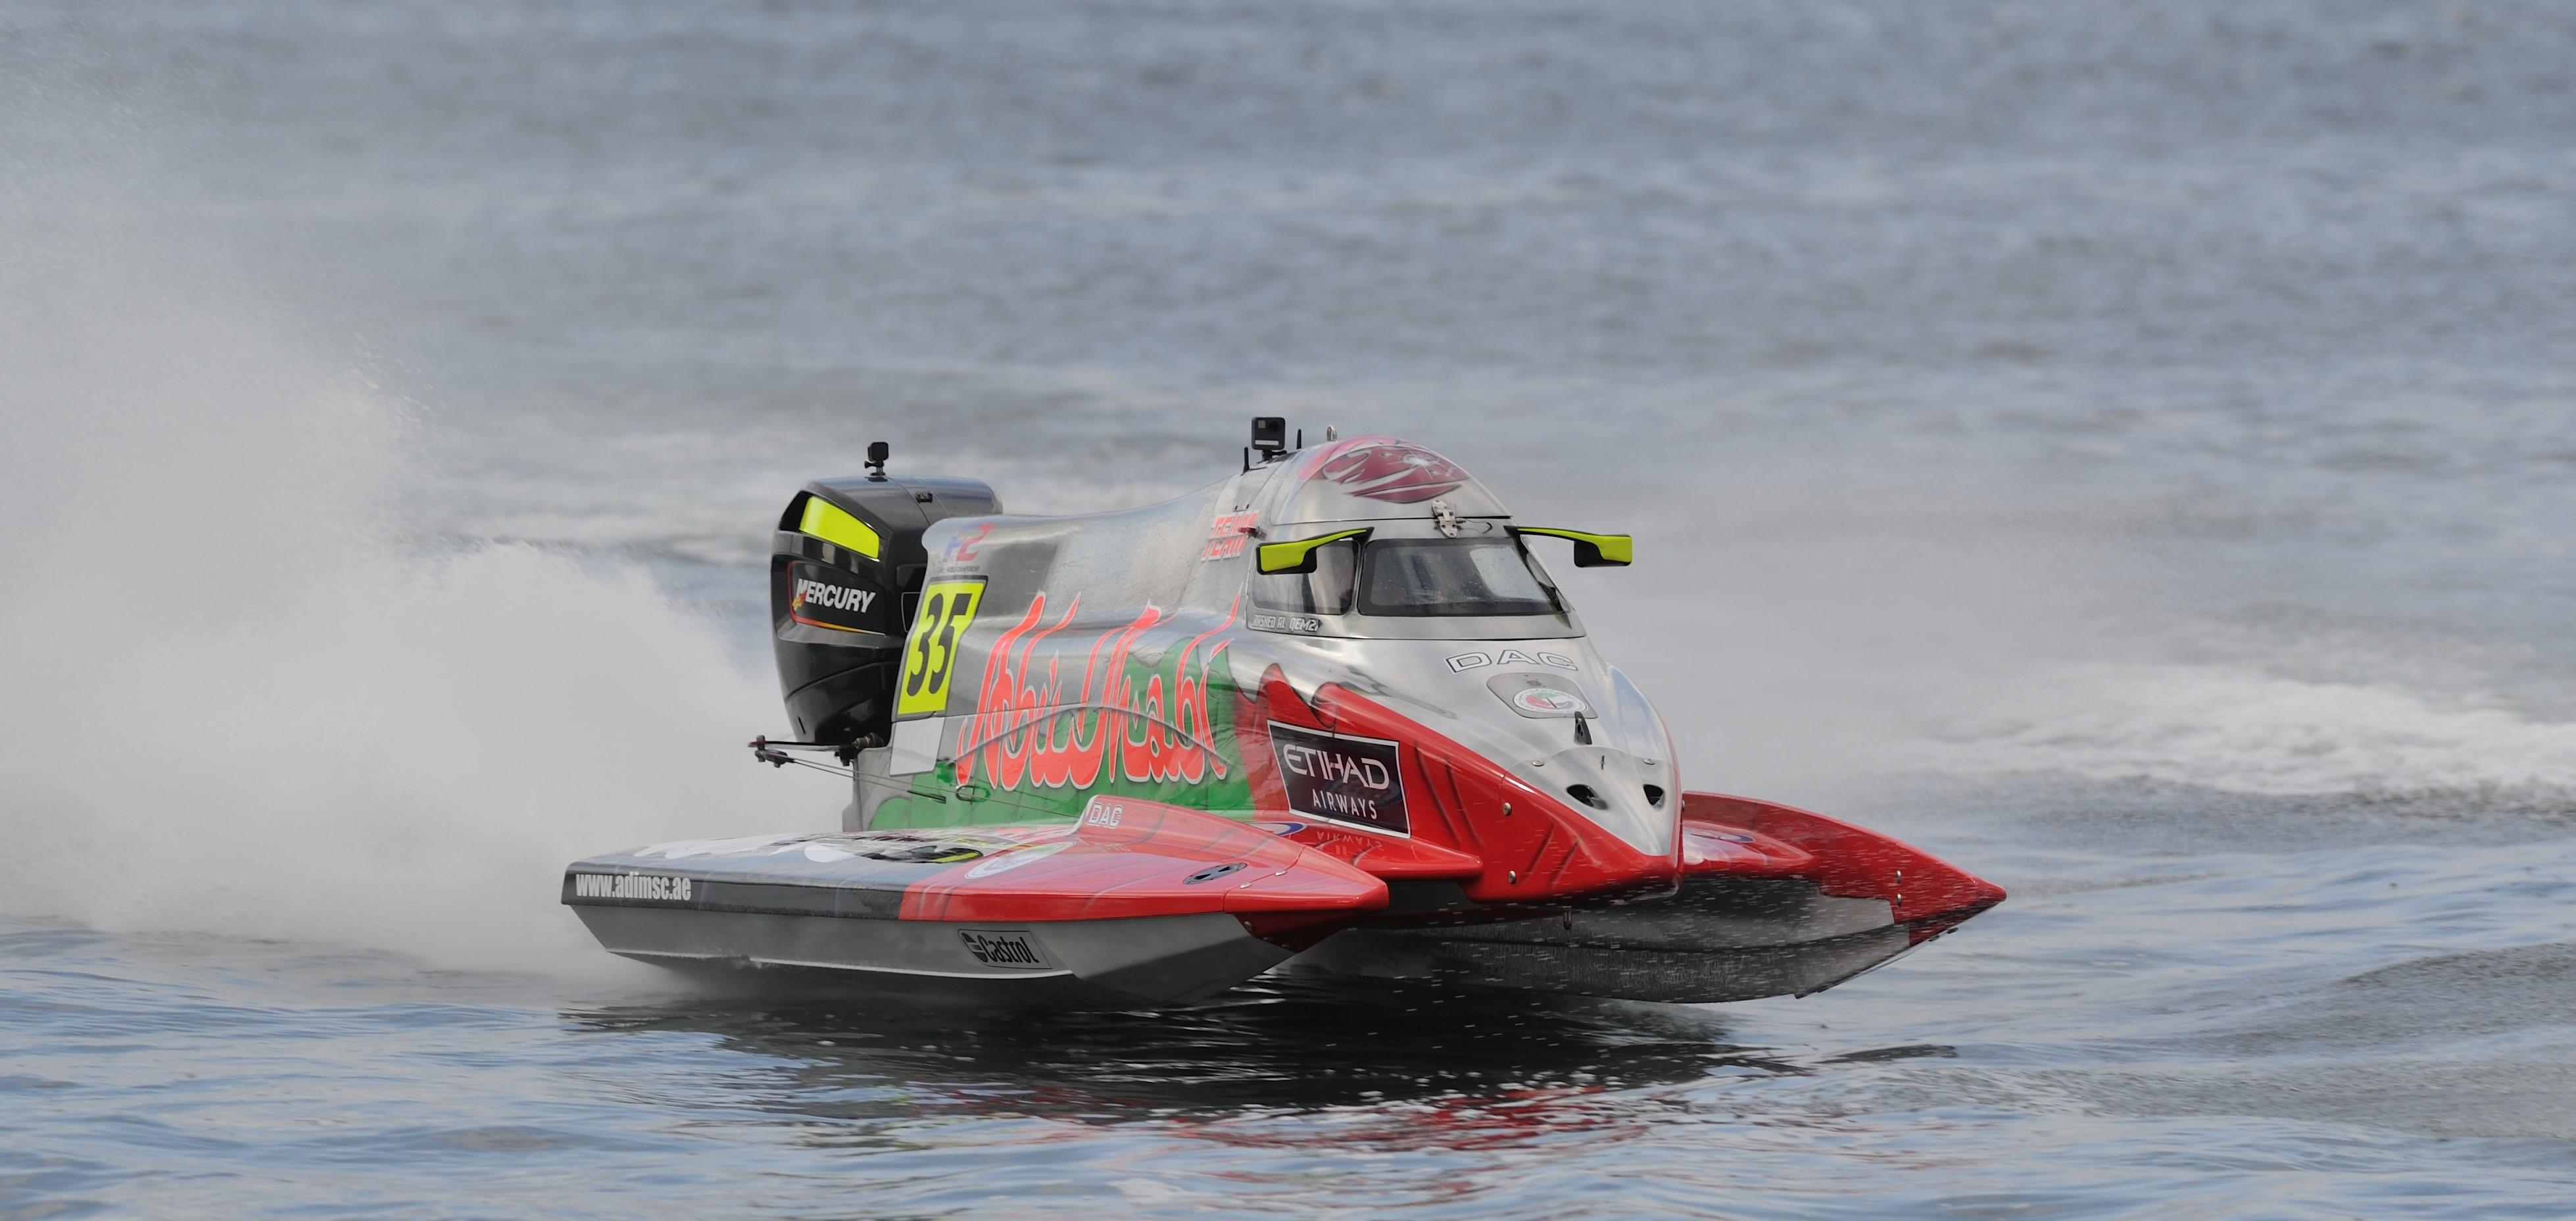 أبوظبي لزوارق الفورمولا 2 يتوجه غدا إلى البرتغال للمشاركة بالجولة الرابعة لبطولة العالم